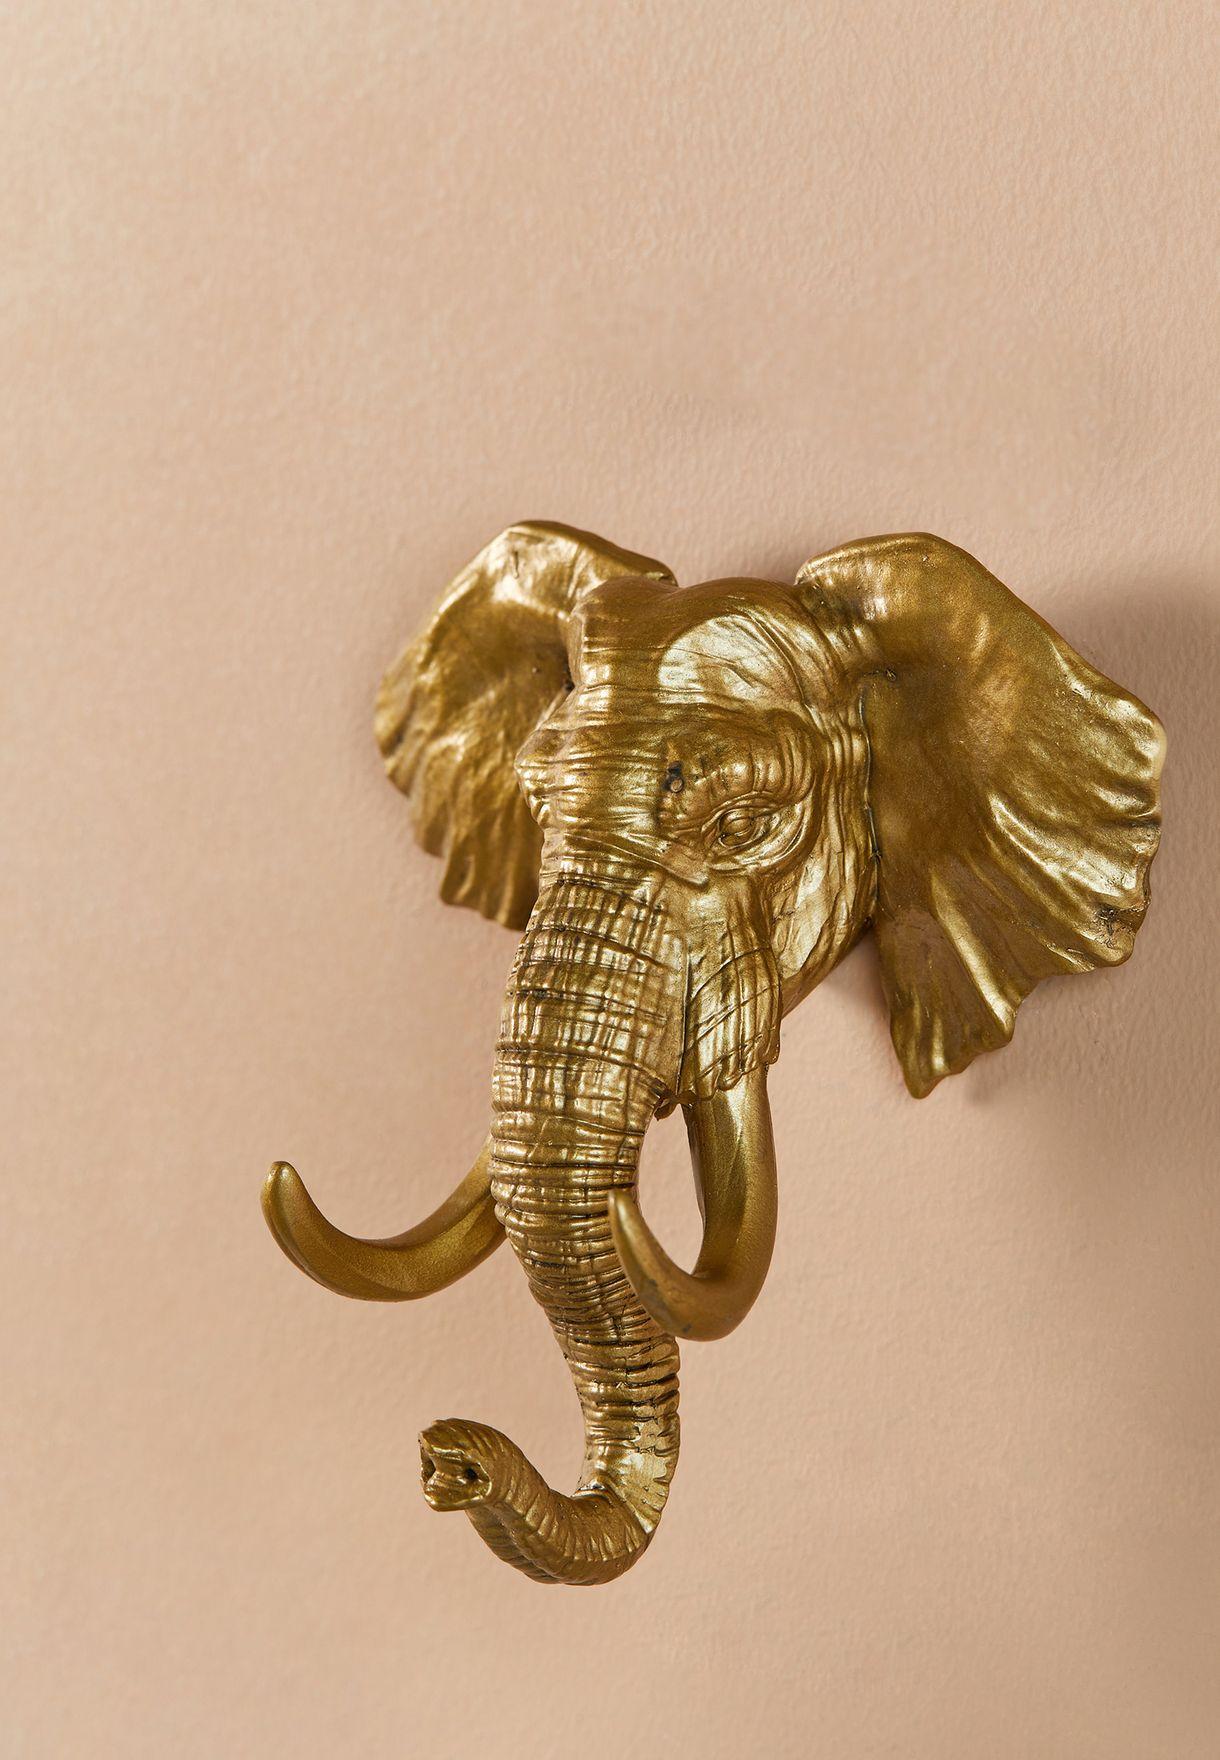 علاقة مفاتيح شكل فيل